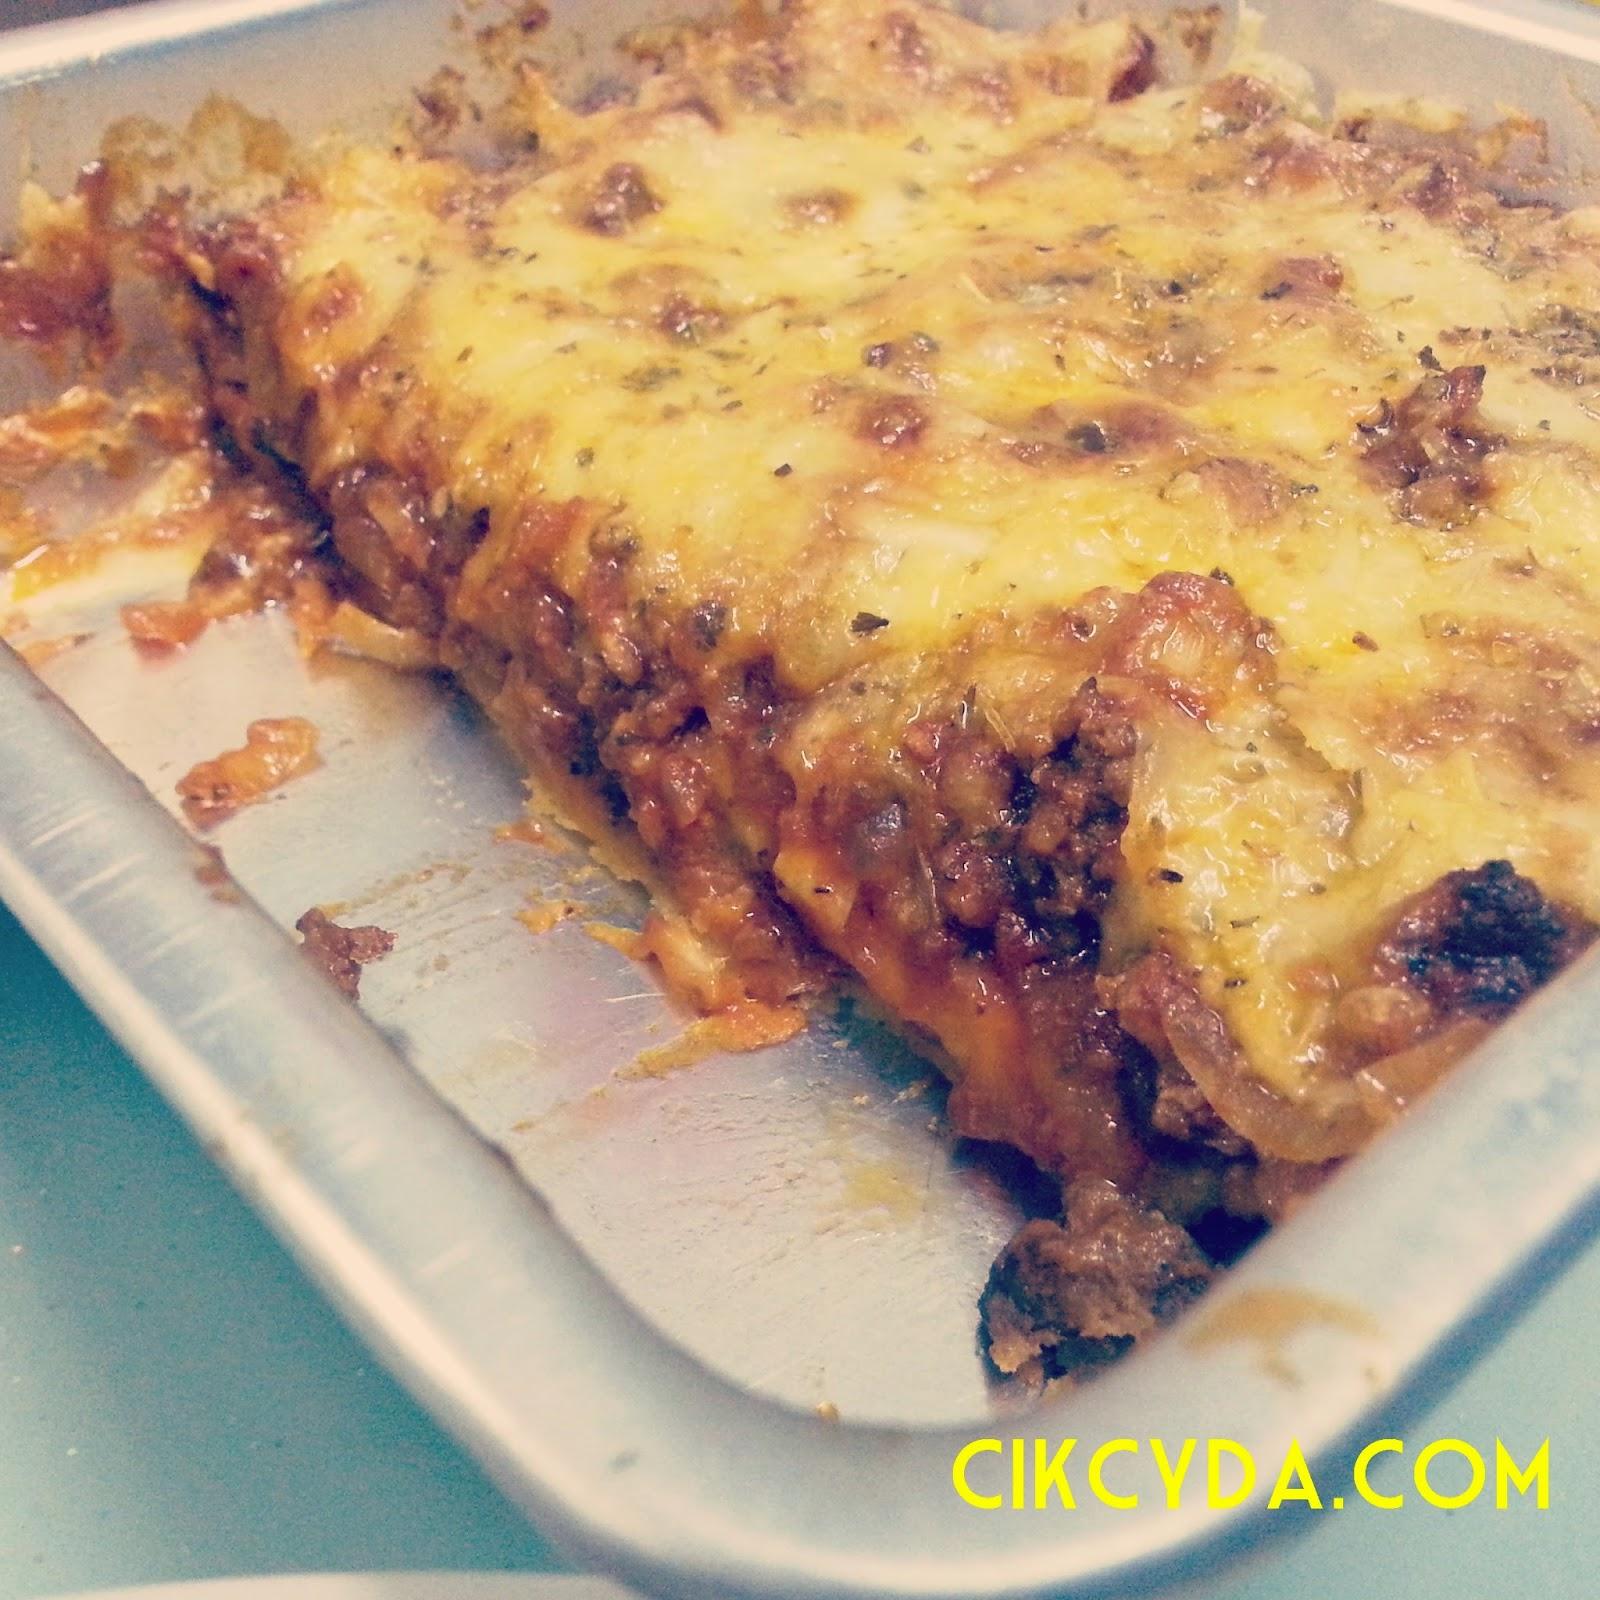 resepi bakso ayam mudah listen aa Resepi Wetfood Ayam Untuk Kucing Enak dan Mudah